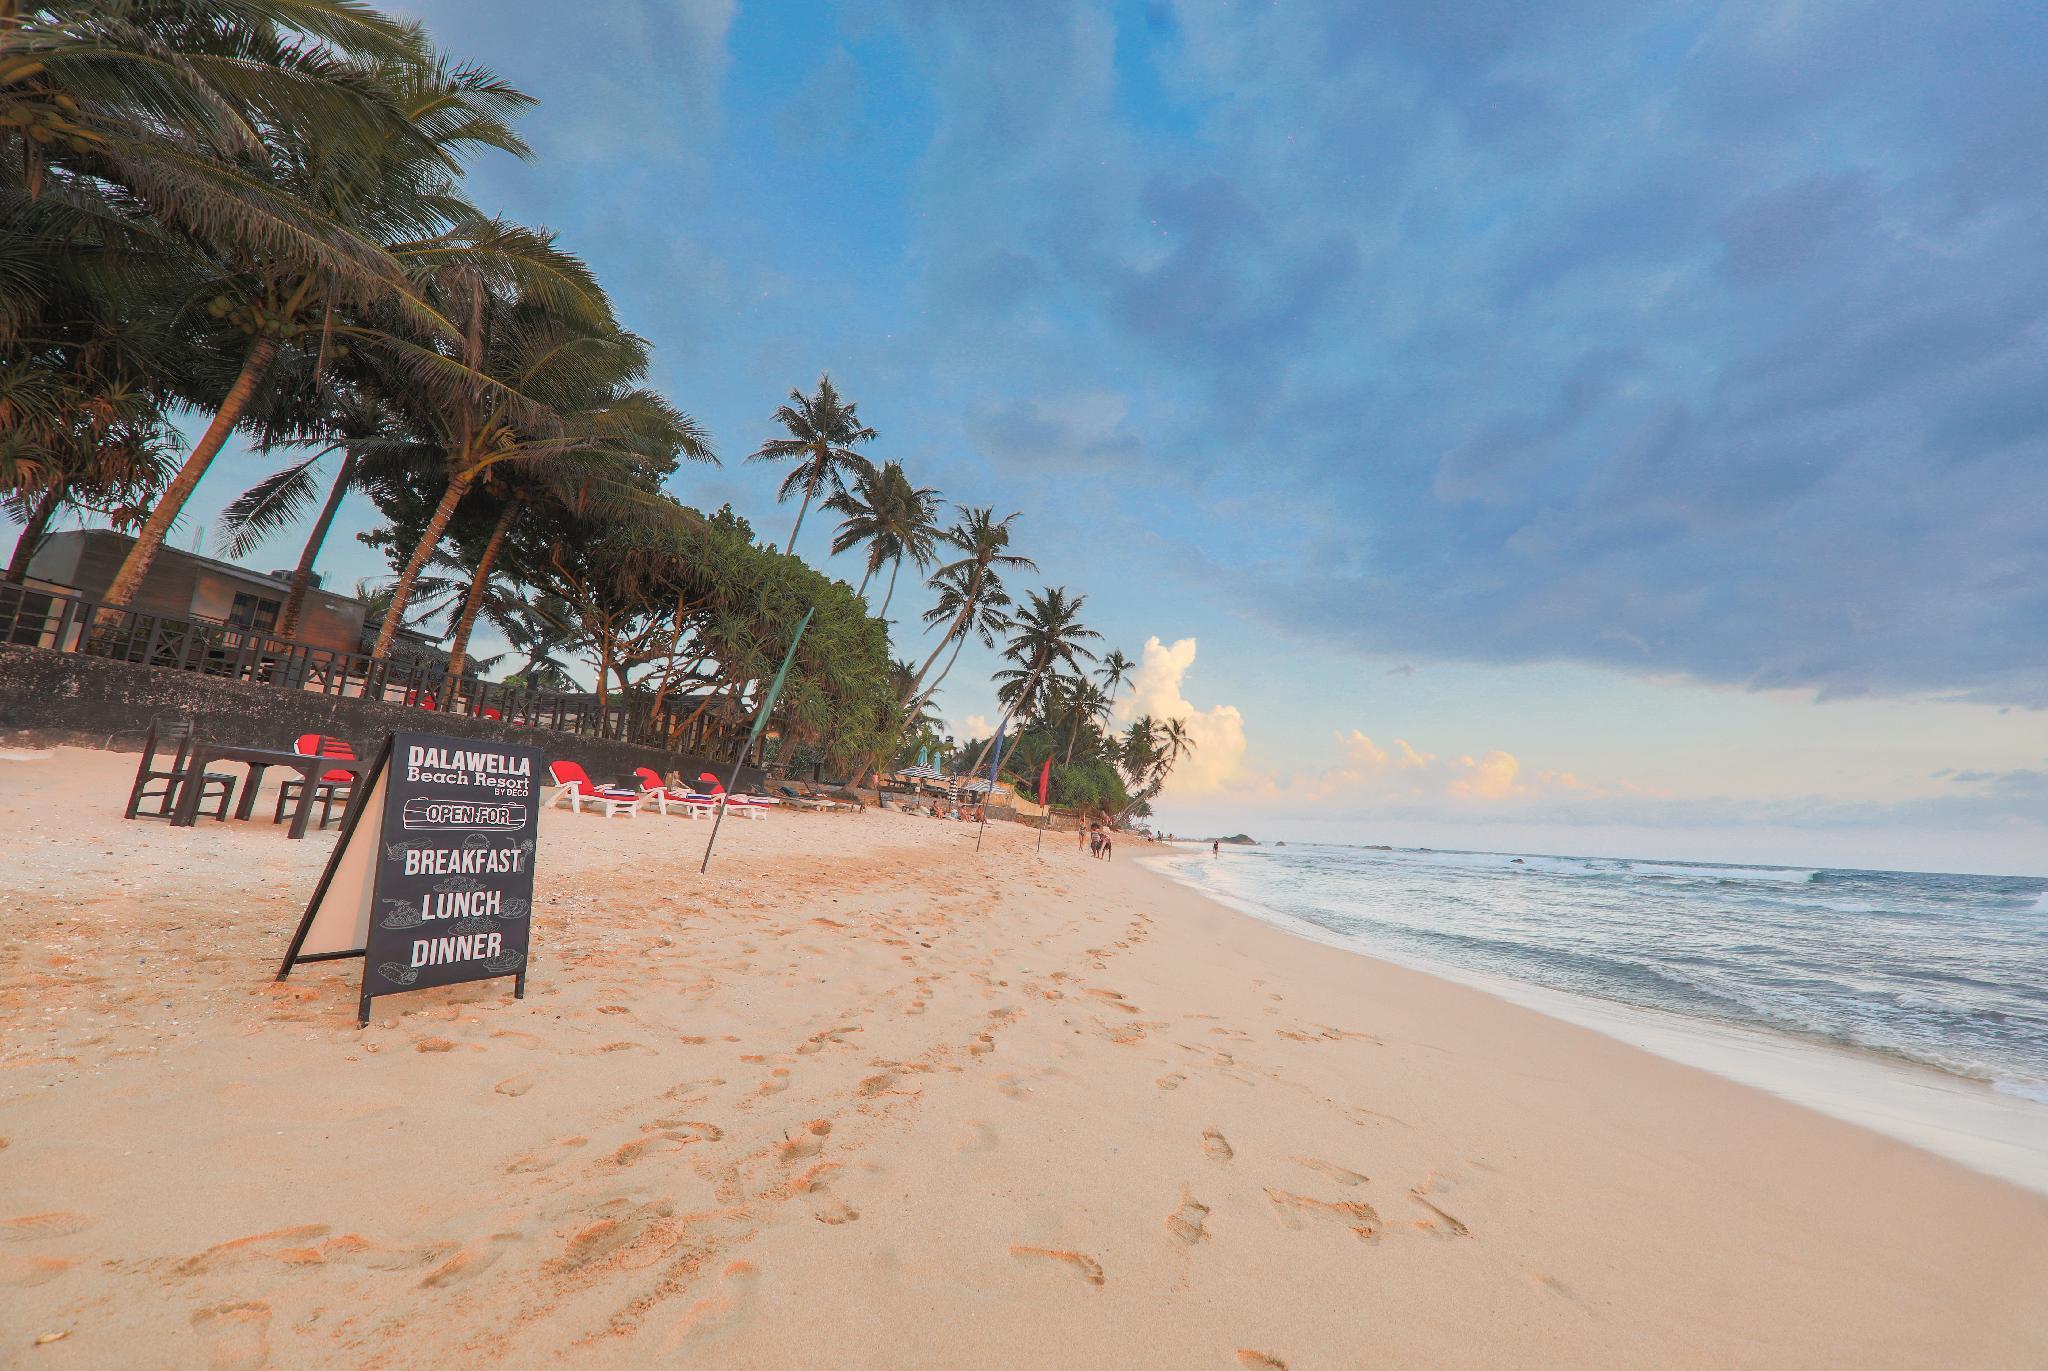 Dalawella Beach Resort By Deco